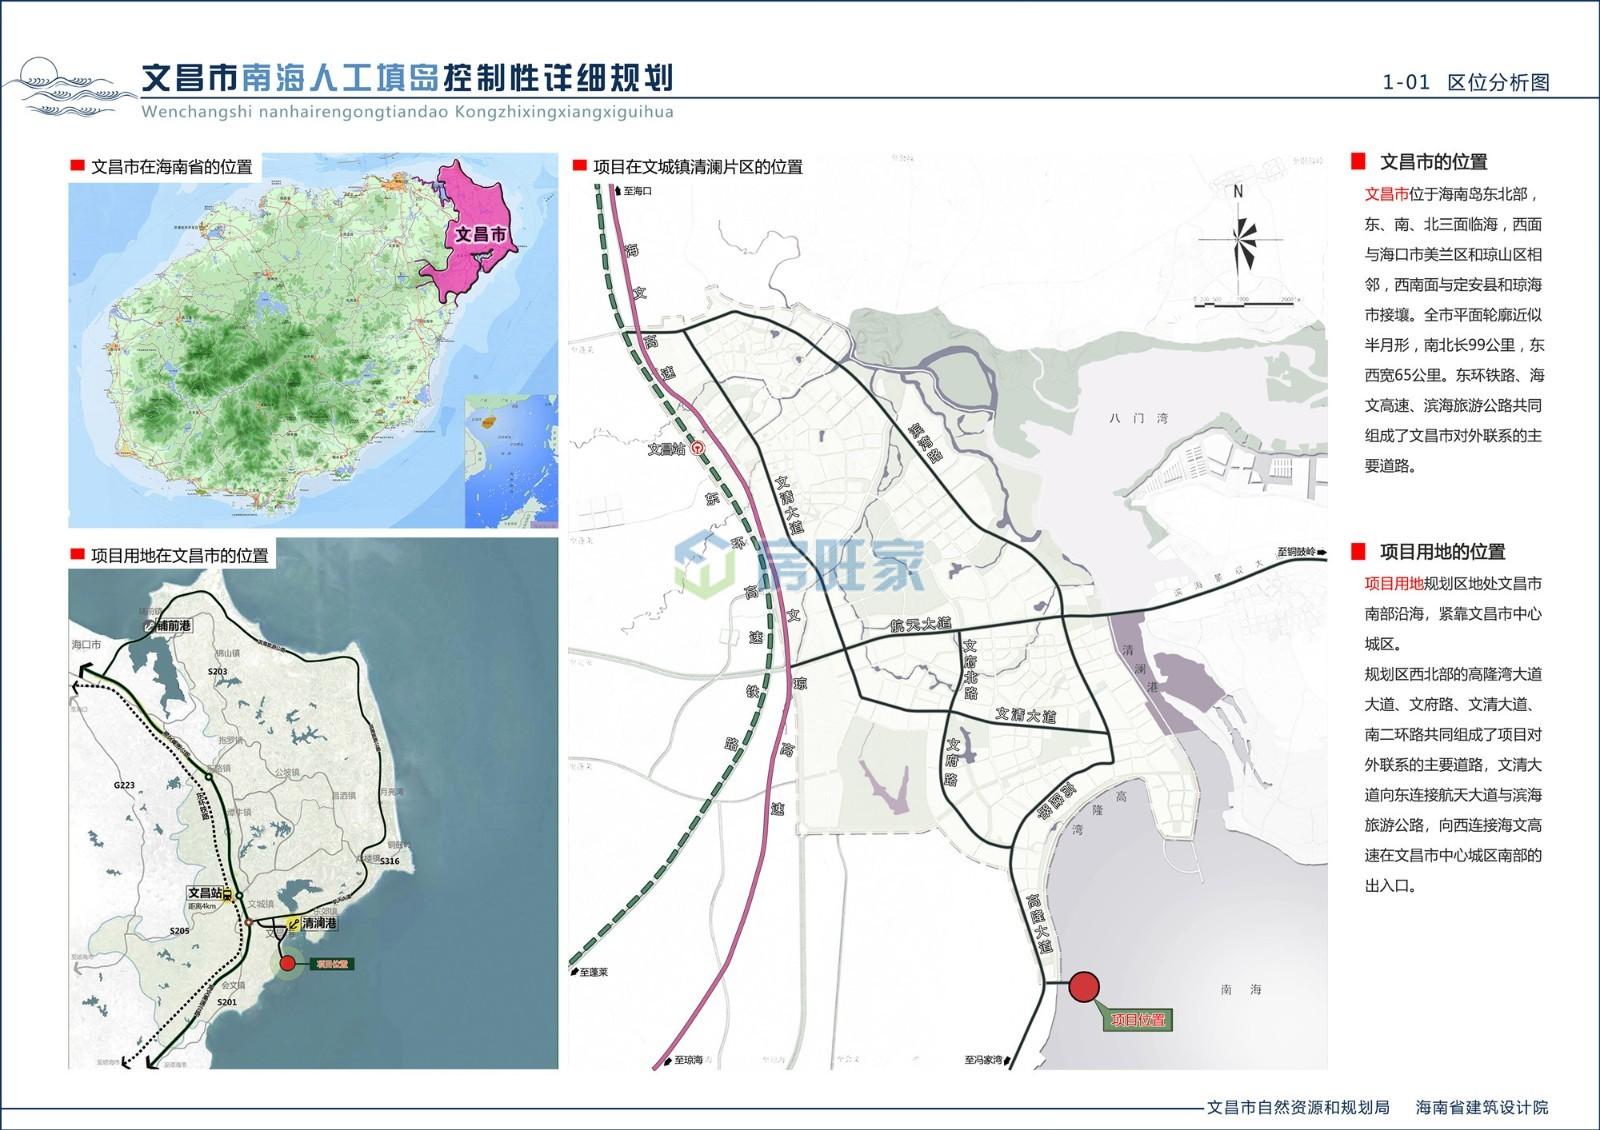 文昌南海人工岛区位分析图